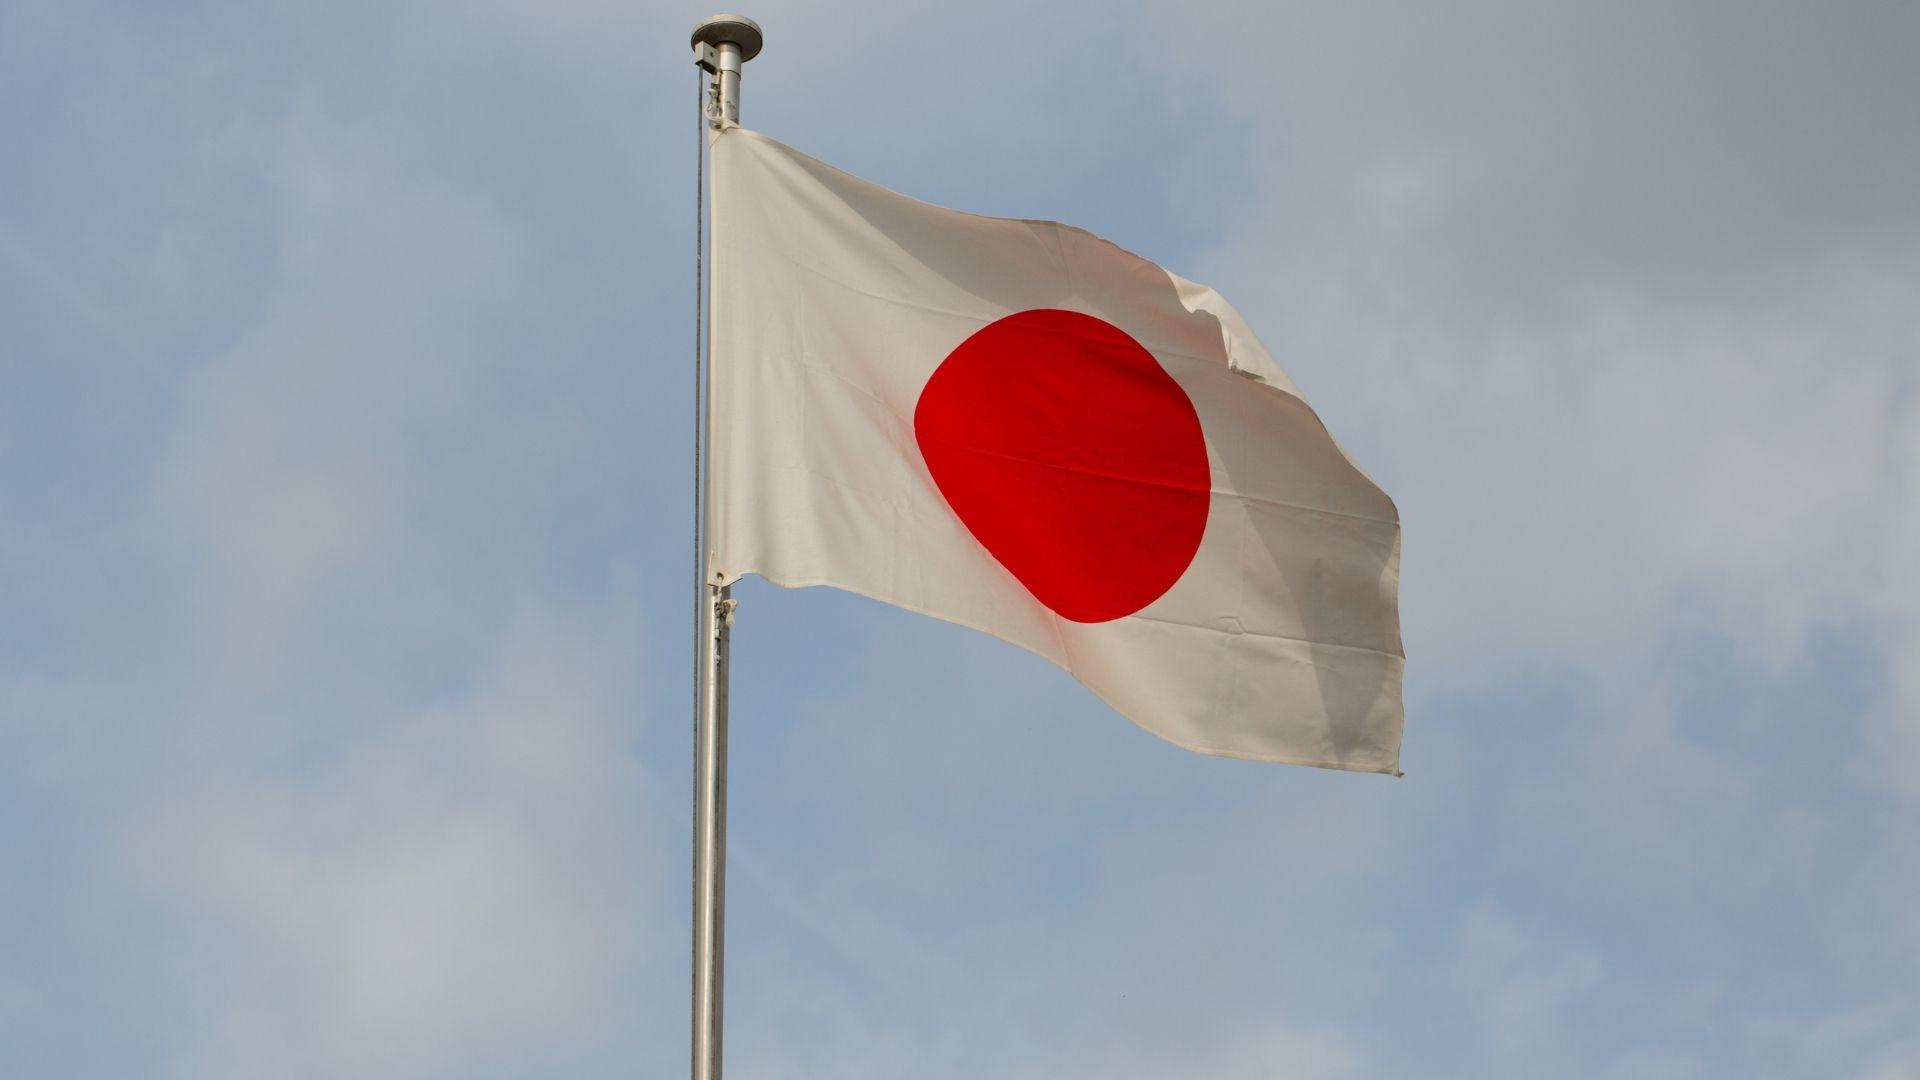 Japão lança alerta seus cidadãos sobre possível ataque terrorista no sudeste asiático